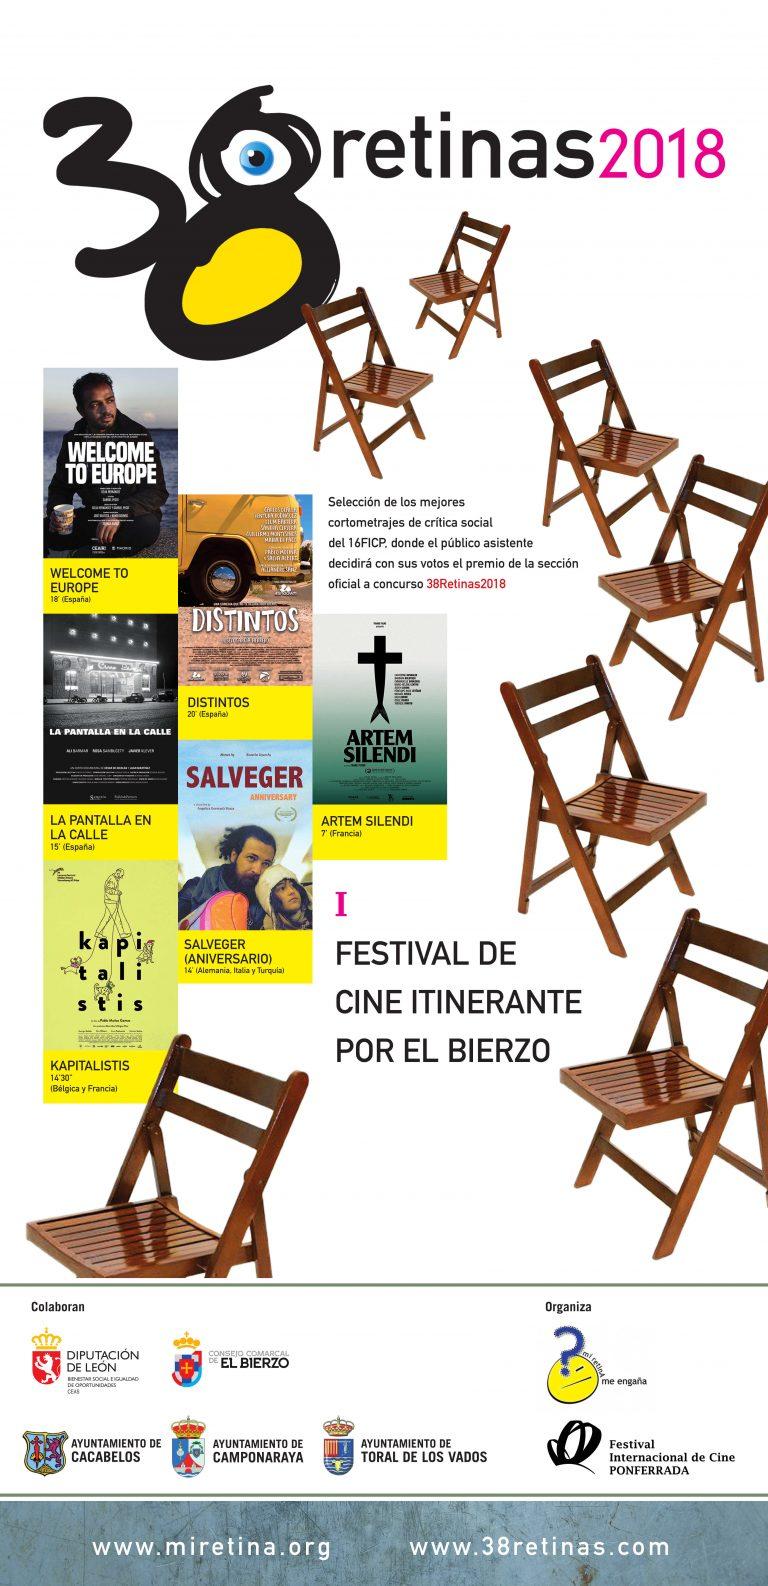 1º FESTIVAL DE CINE ITINERANTE POR EL BIERZO